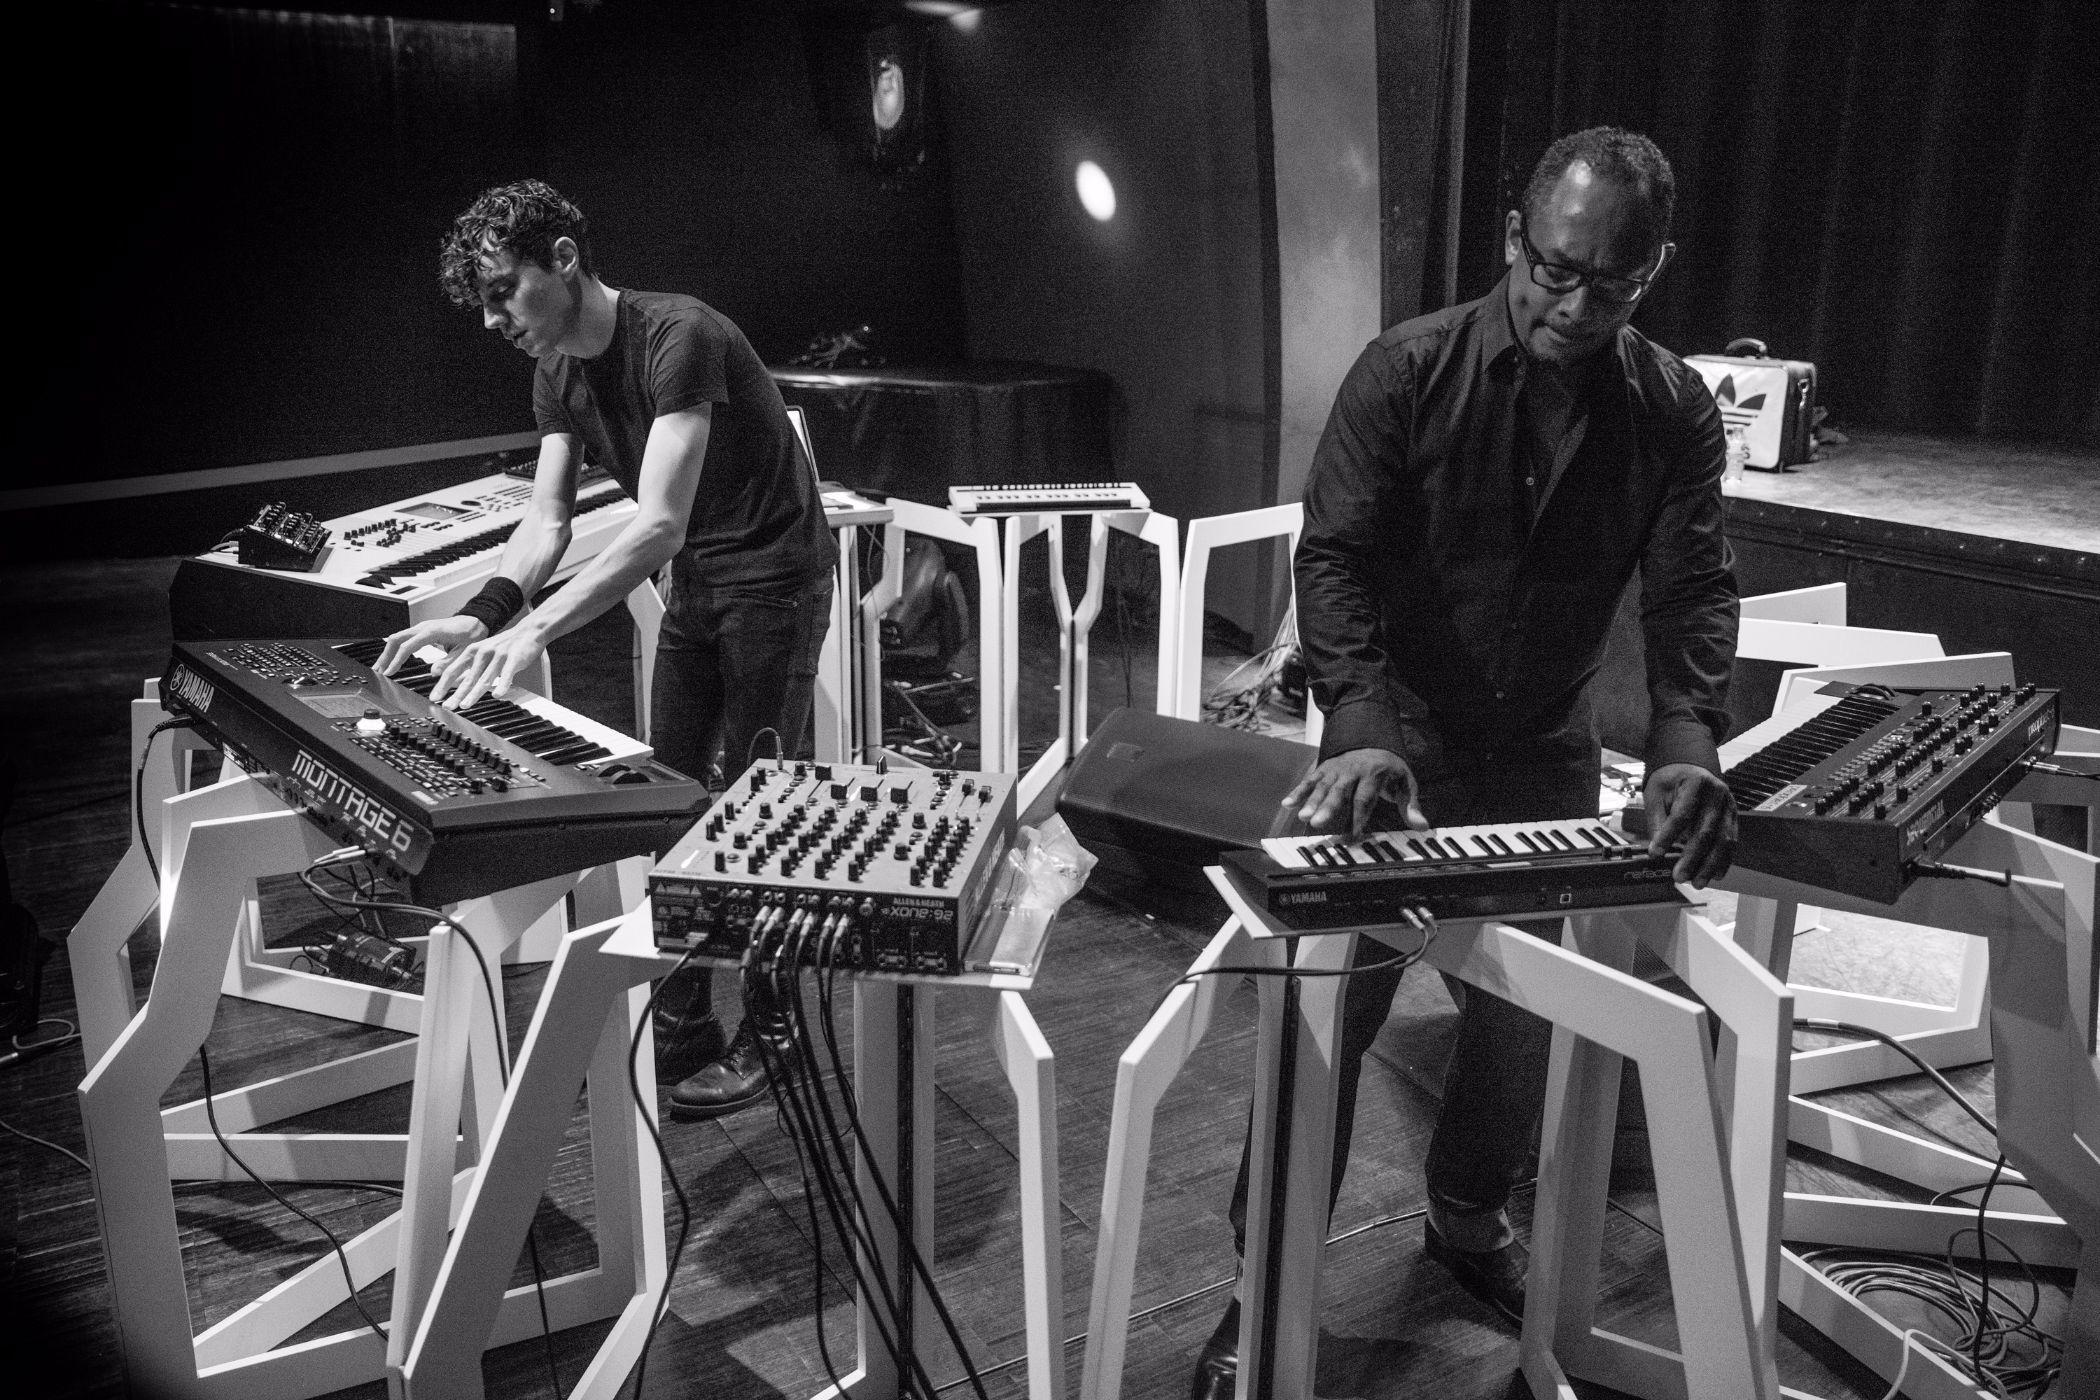 フランチェスコ・トリスターノ presents ピアノリグ feat. デリック・メイ